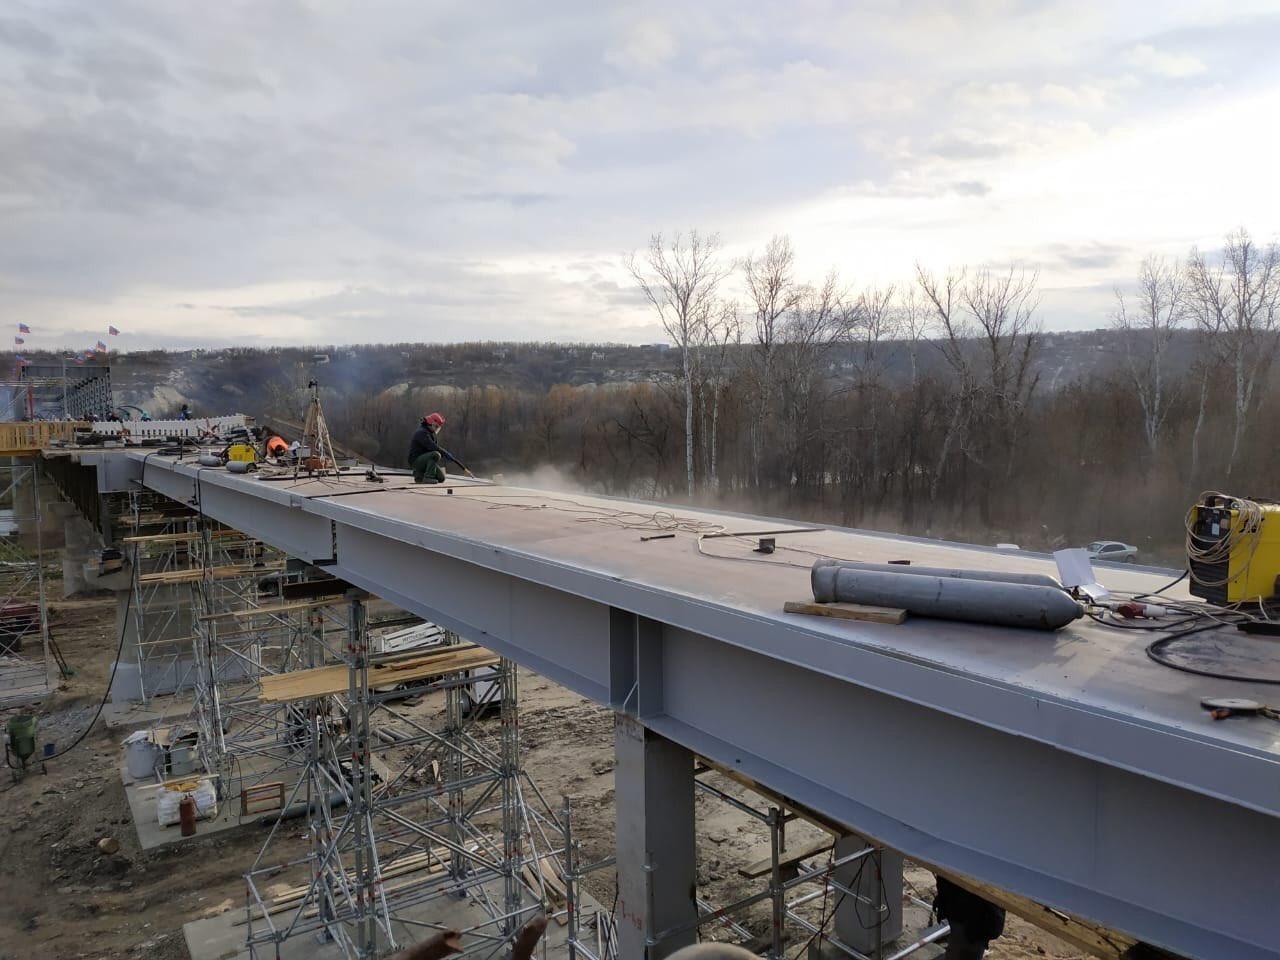 Пользователи соцсетей заметили триколоры на мосту еще в конце октября / twitter.com/IuliiaMendel